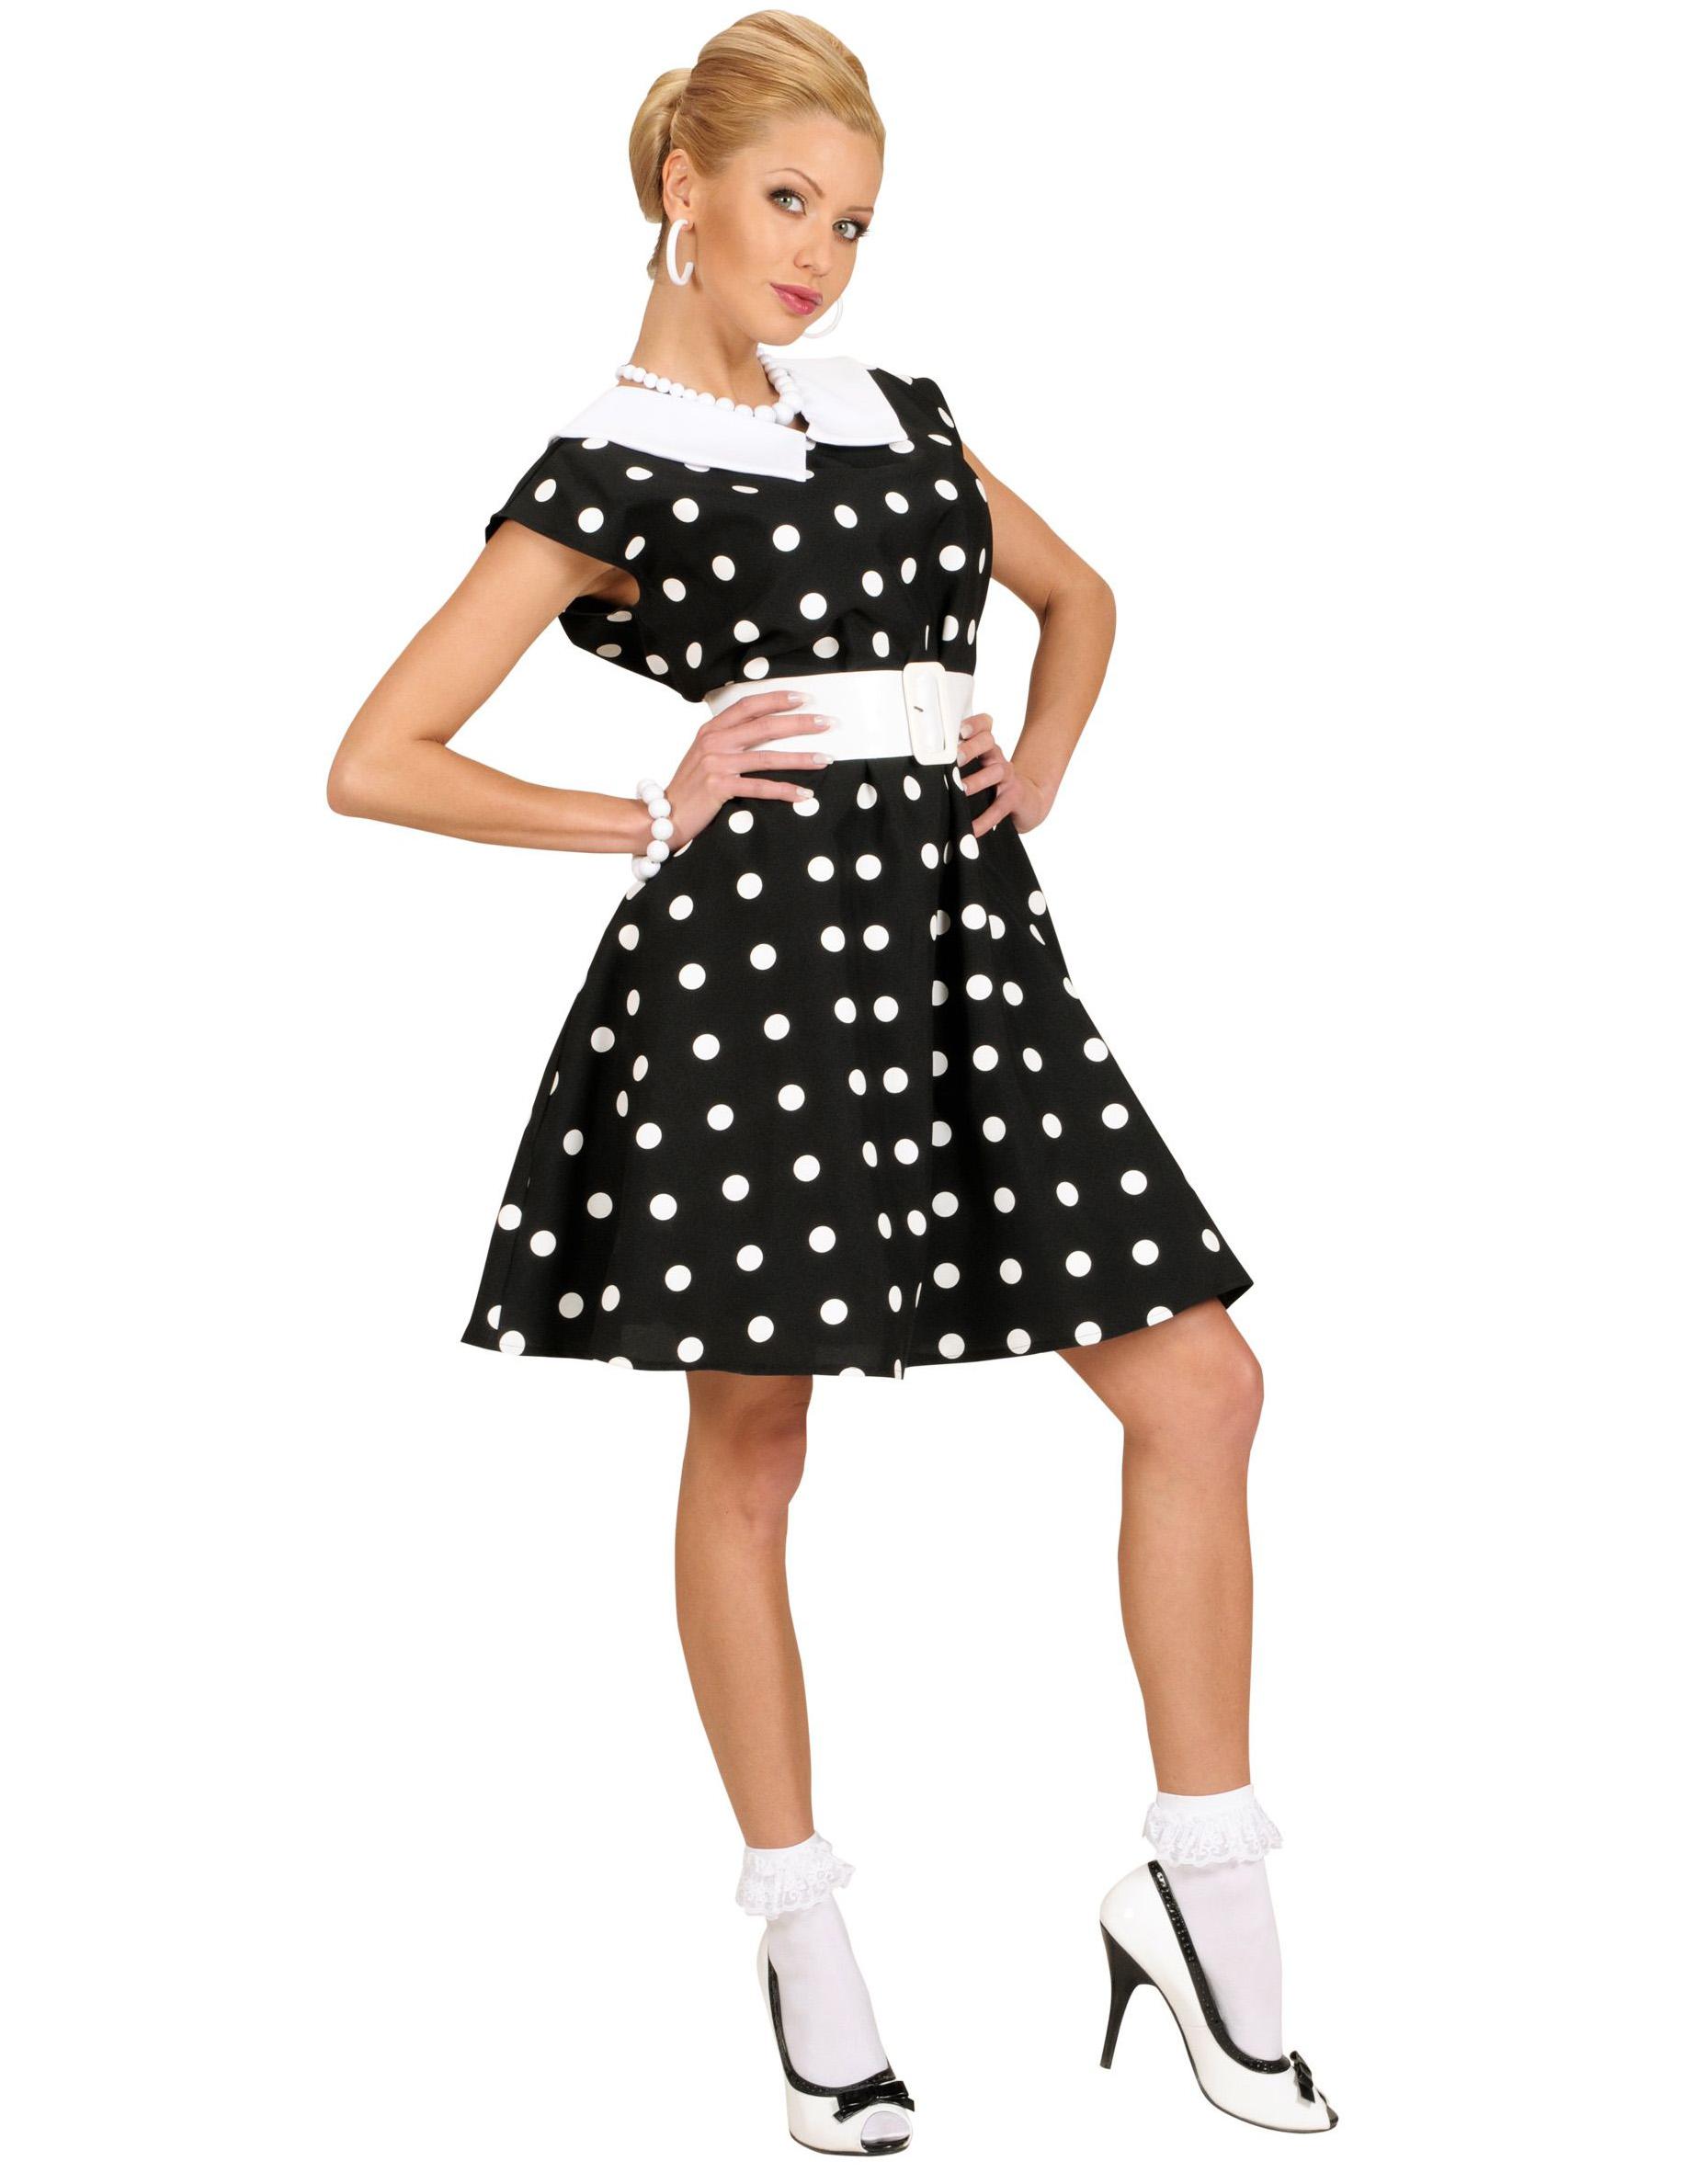 d guisement robe noire pois ann es 50 femme deguise toi achat de d guisements adultes. Black Bedroom Furniture Sets. Home Design Ideas